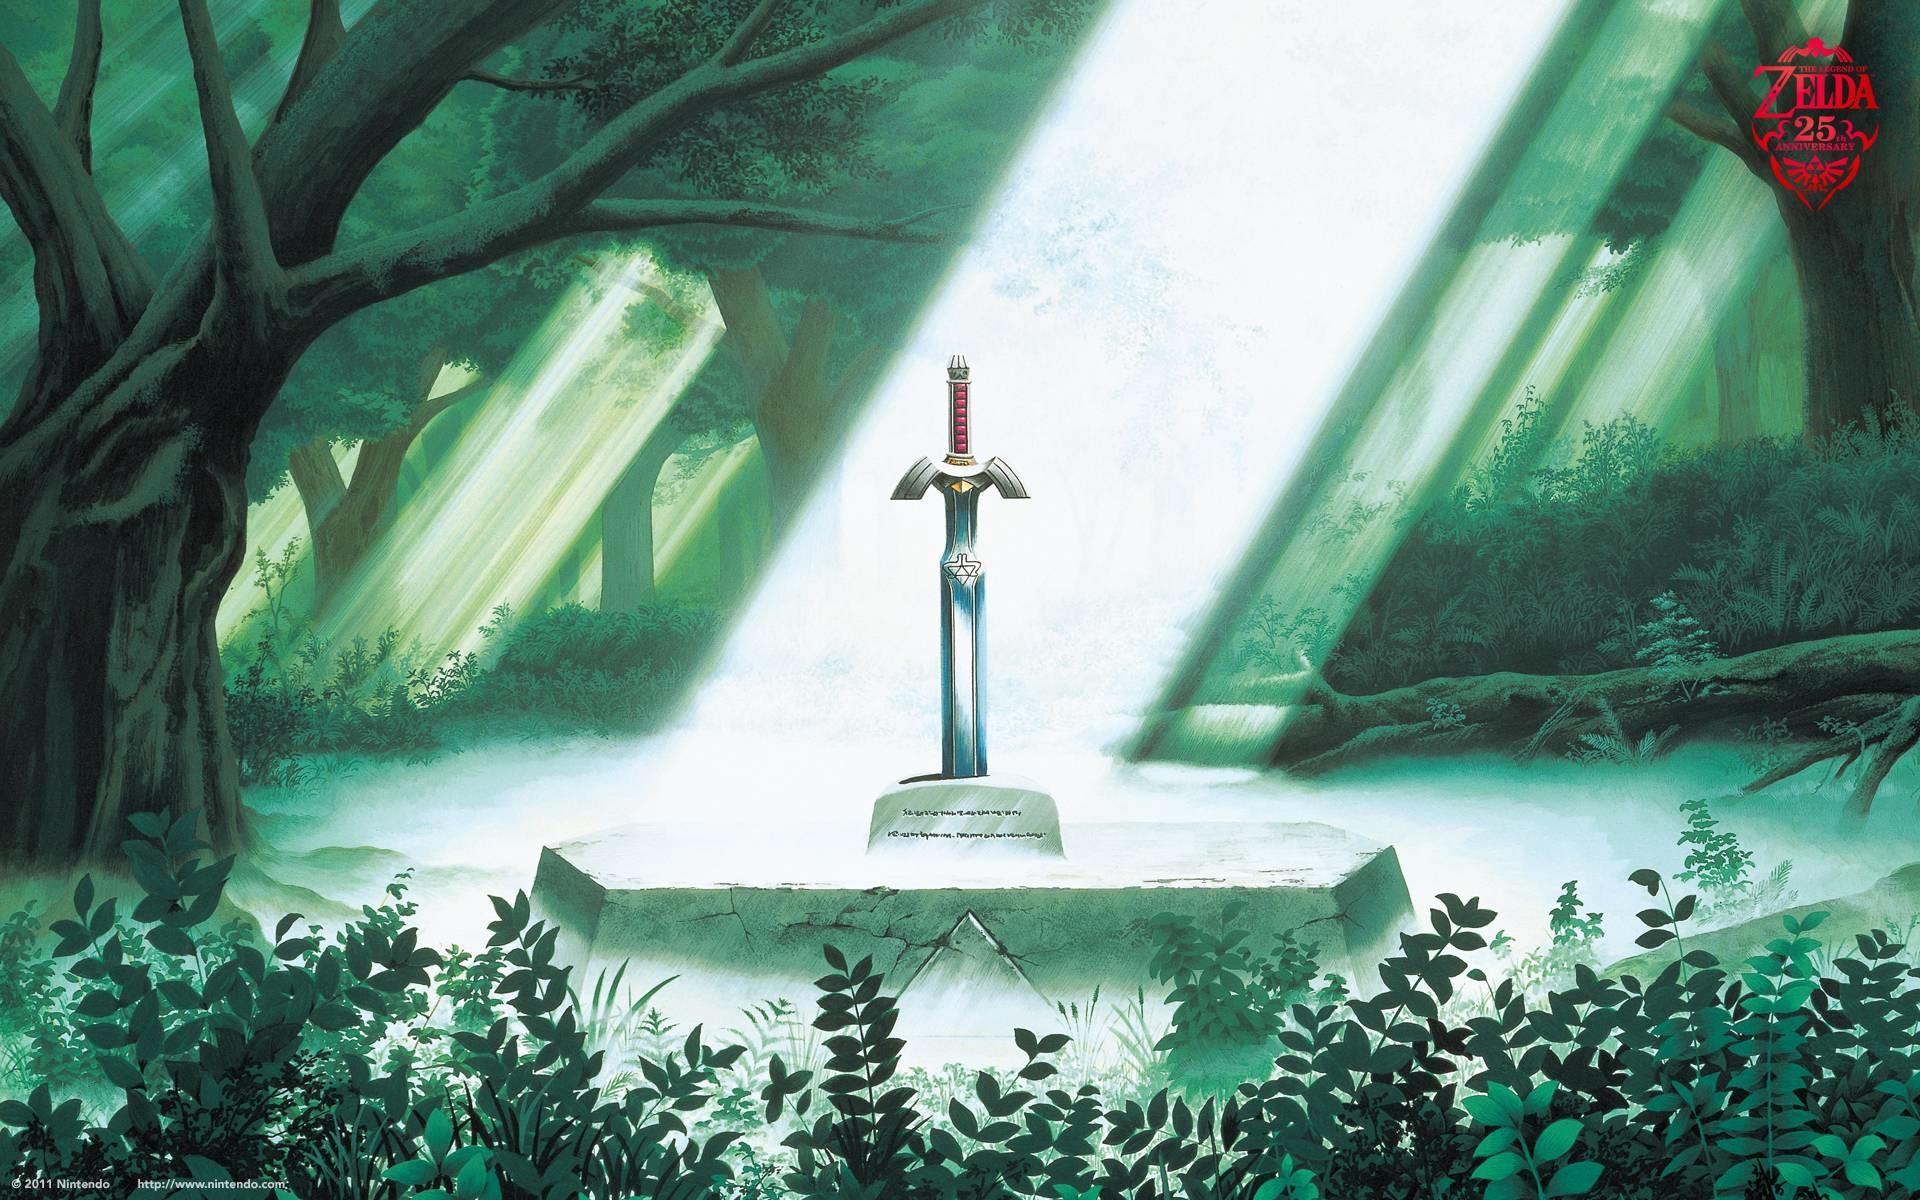 The Legend of Zelda wallpaper – Imagesih.